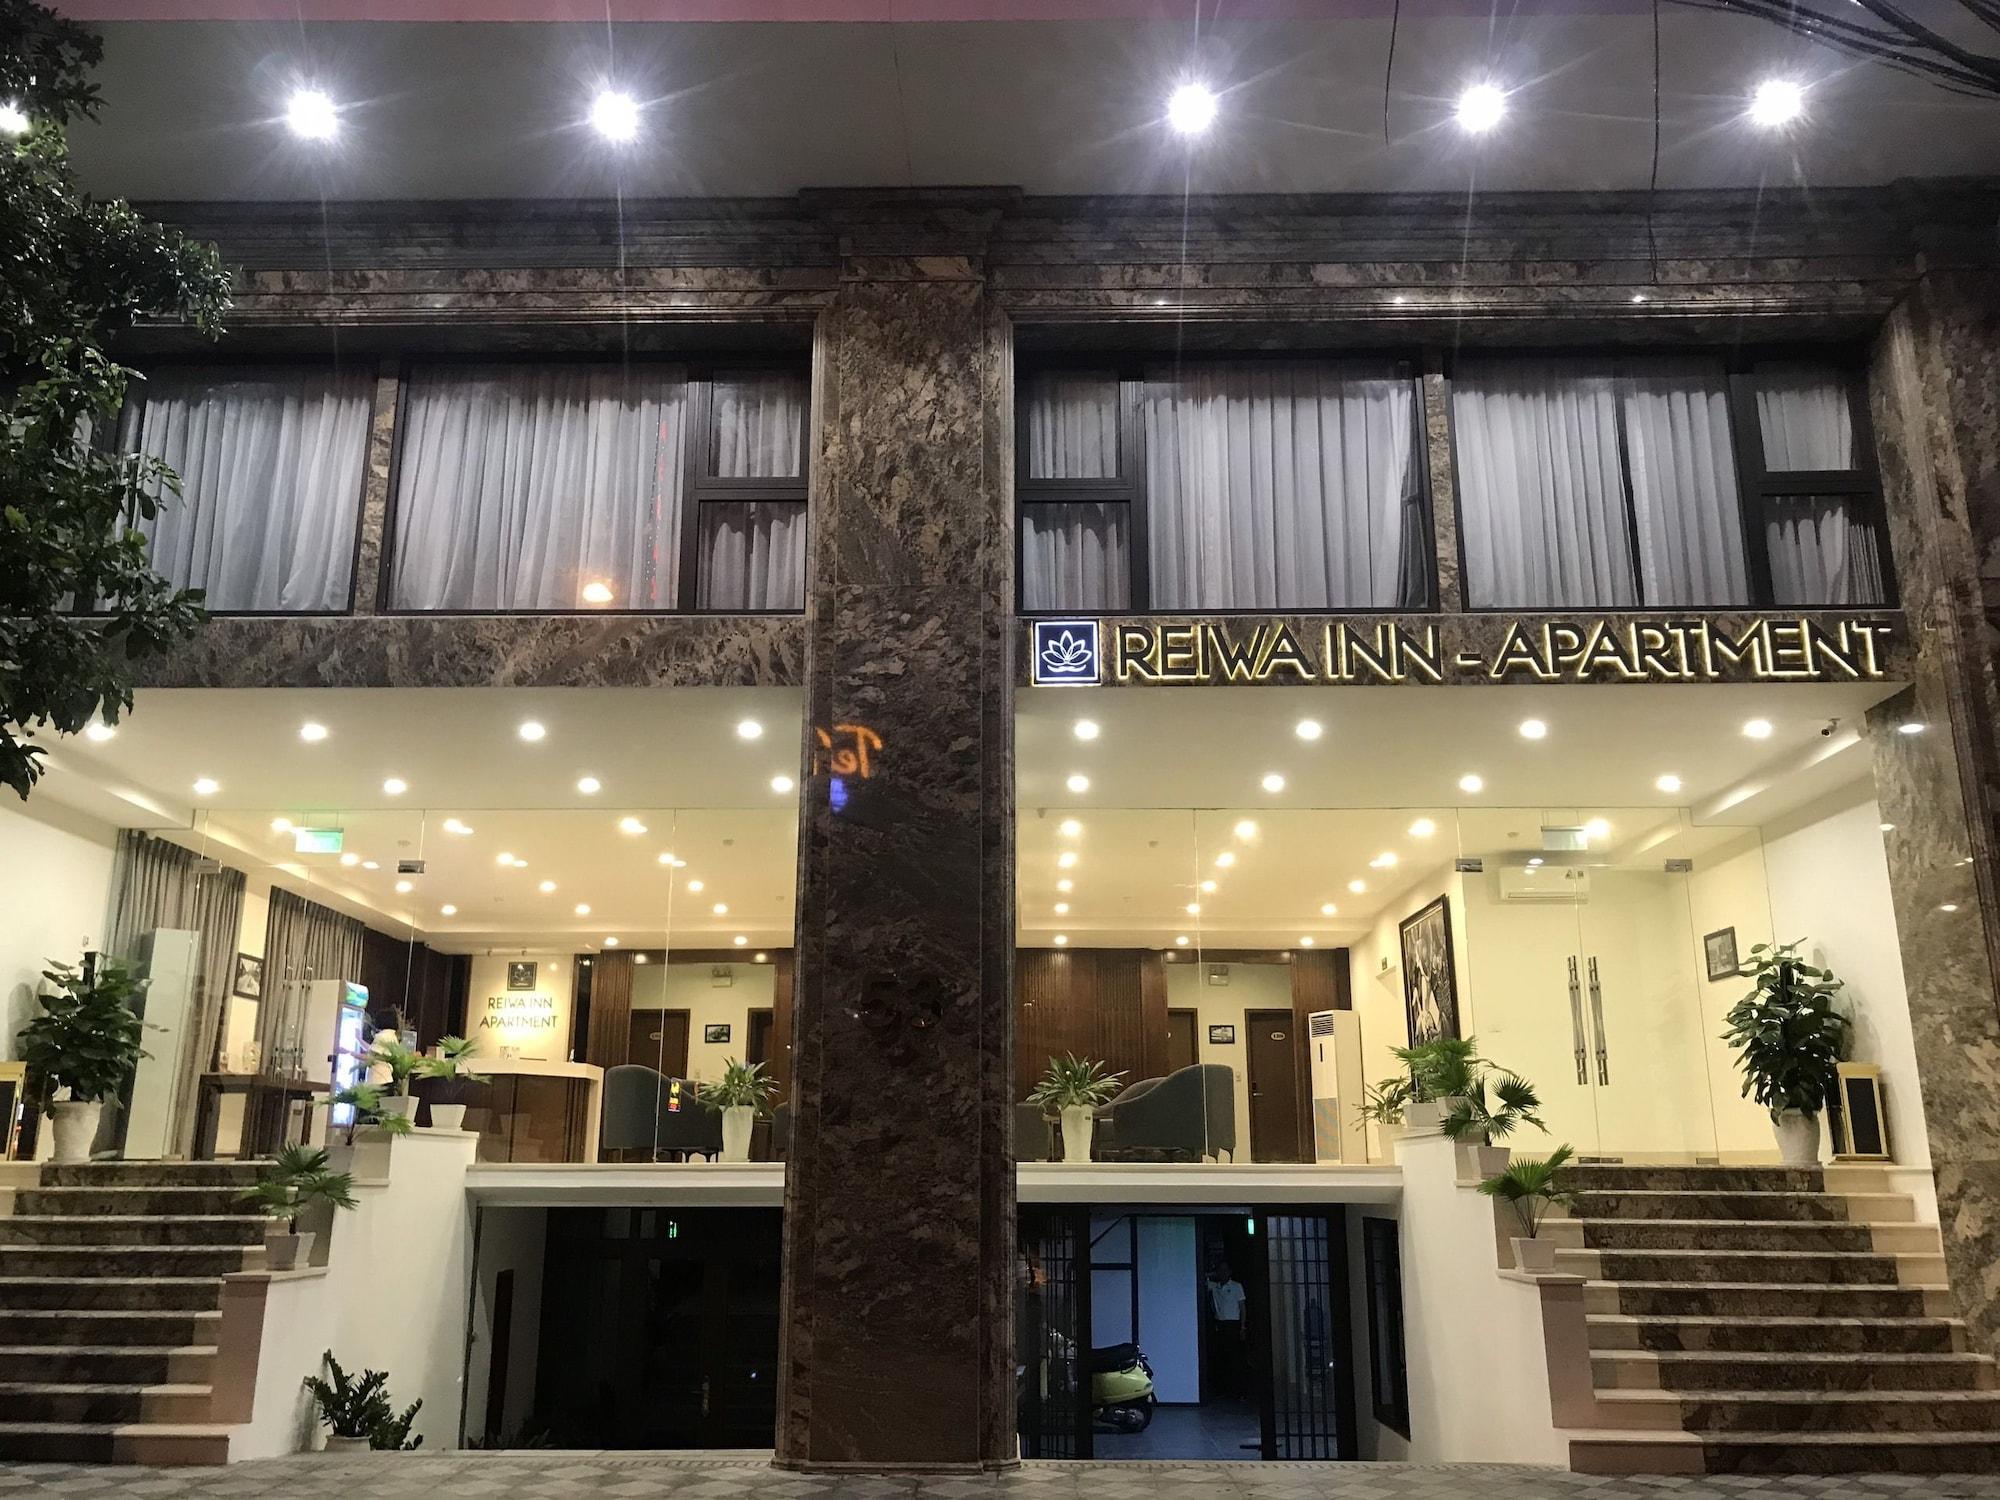 Reiwa Inn Apartment, Ba Đình